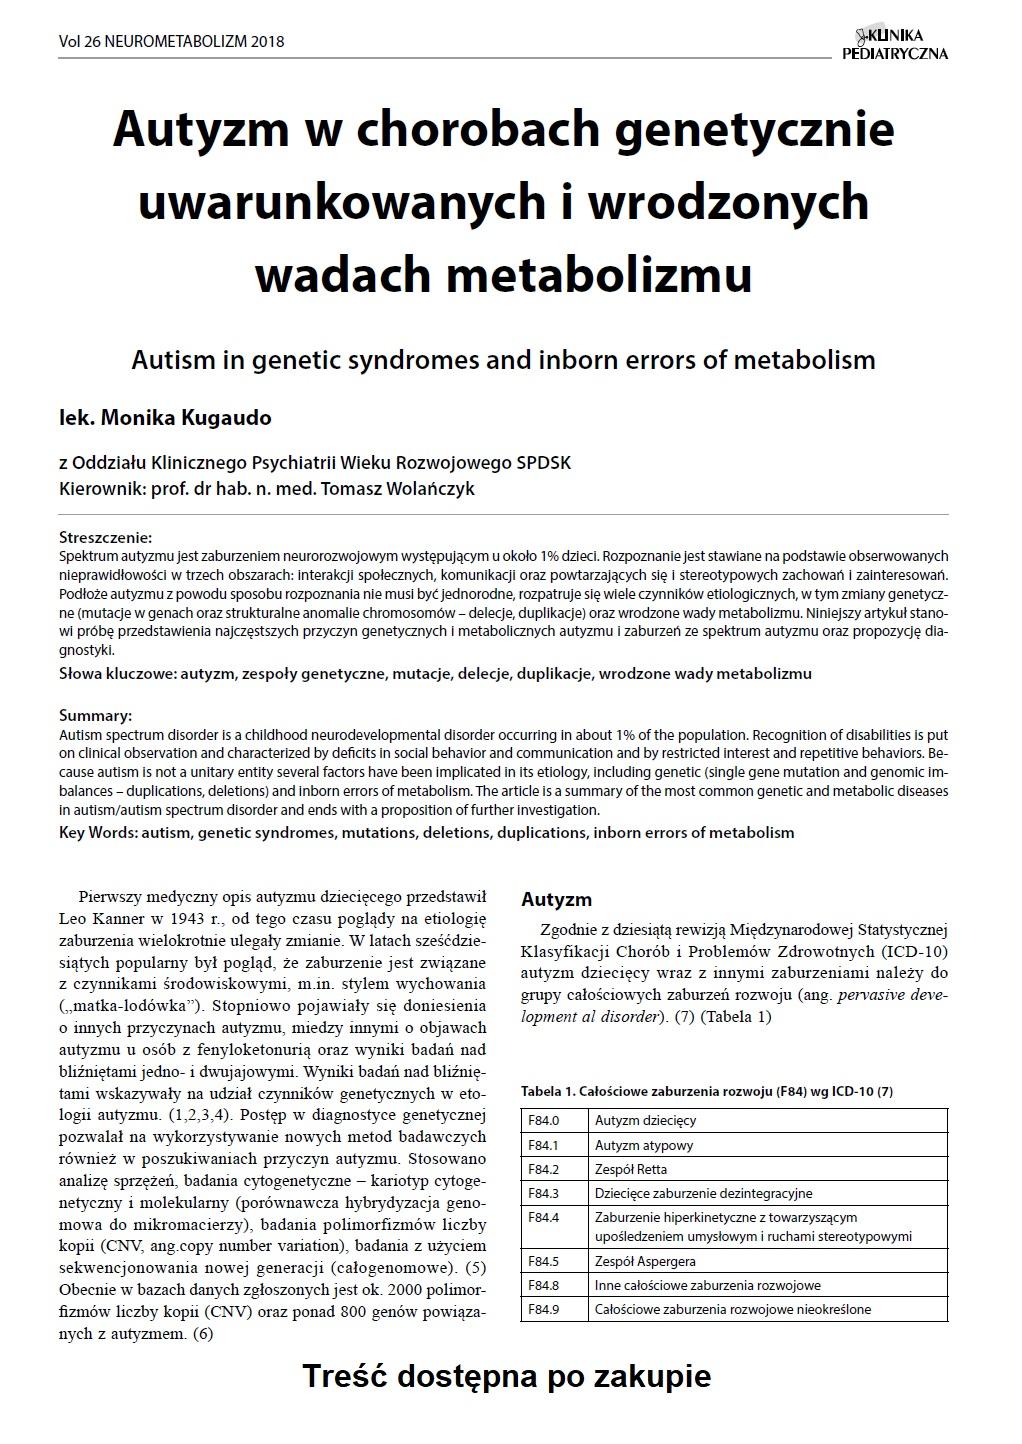 KP Neurometabolizm/2018 Autyzm w chorobach genetycznie uwarunkowanych i wrodzonych wadach metabolizmu